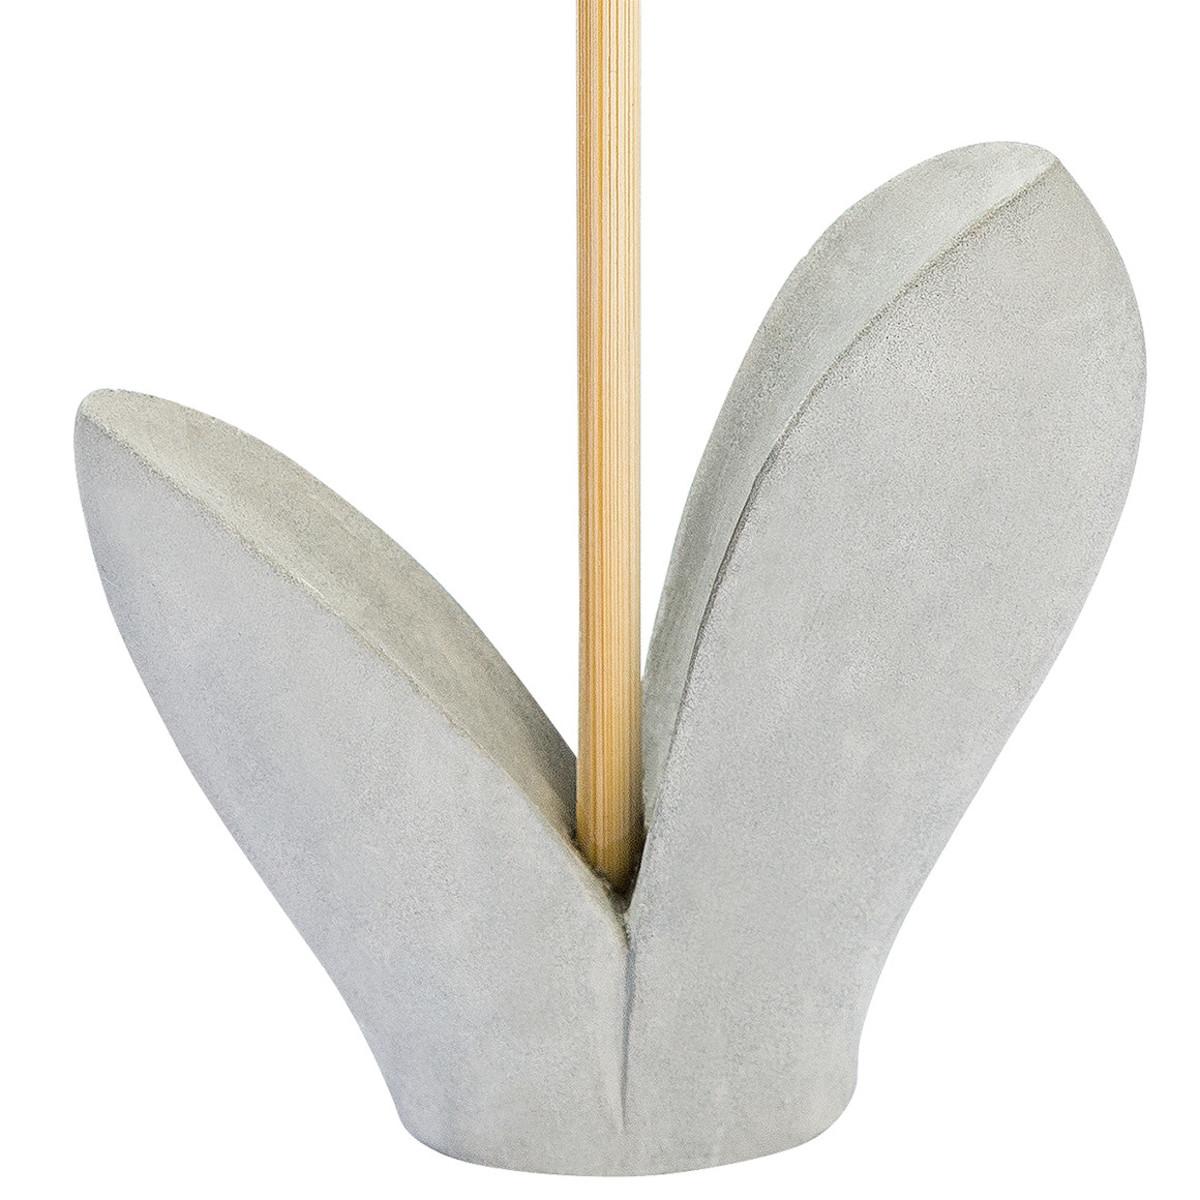 Bild 3 von Deko-Blume mit Zementfuß